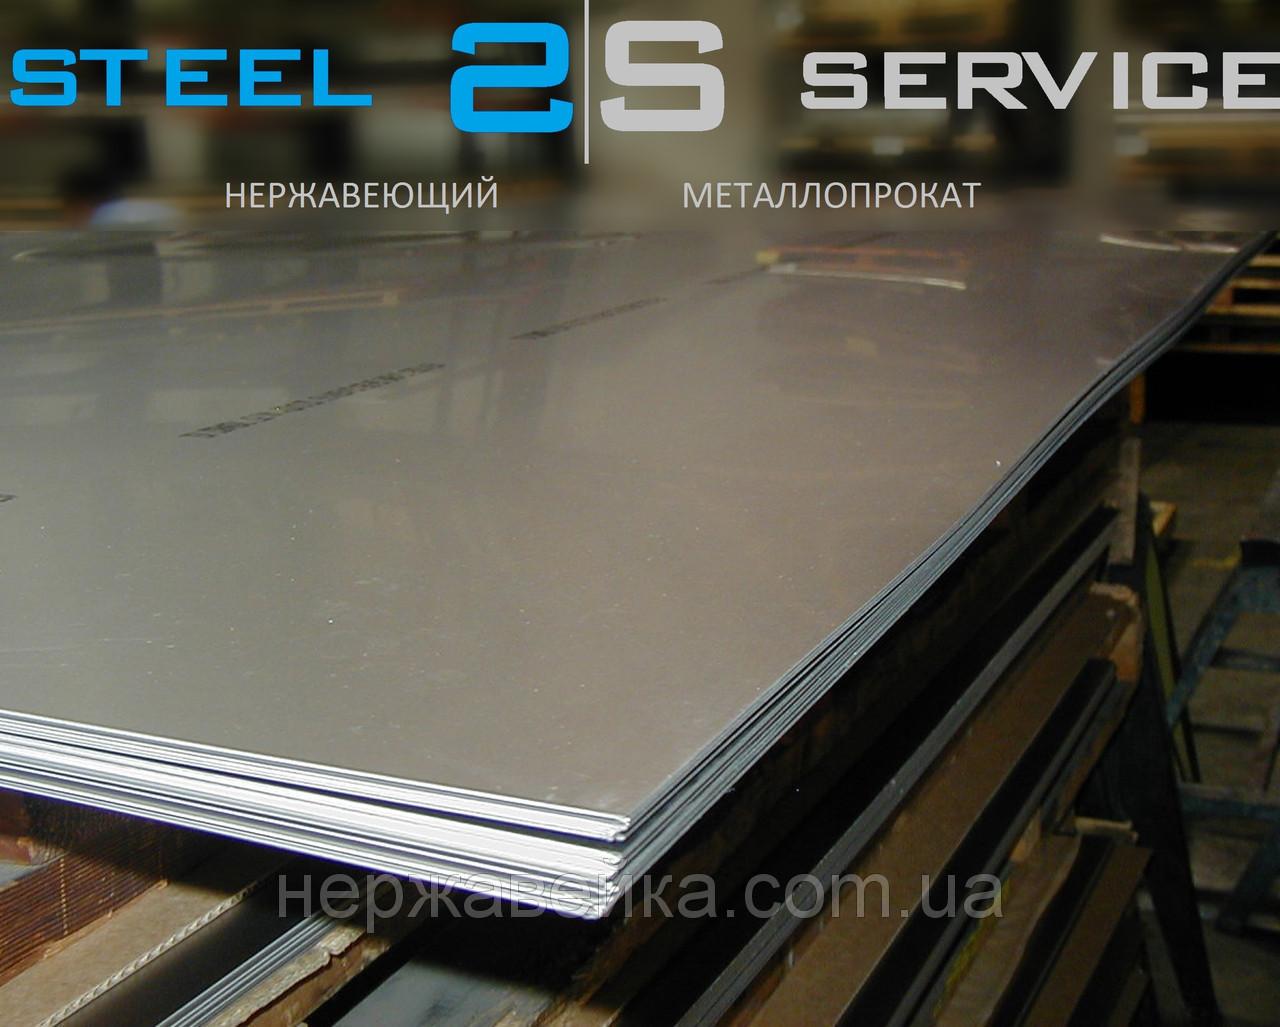 Нержавейка лист 6х1000х2000мм  AISI 309(20Х23Н13, 20Х20Н14С2) F1 - горячекатанный,  жаропрочный